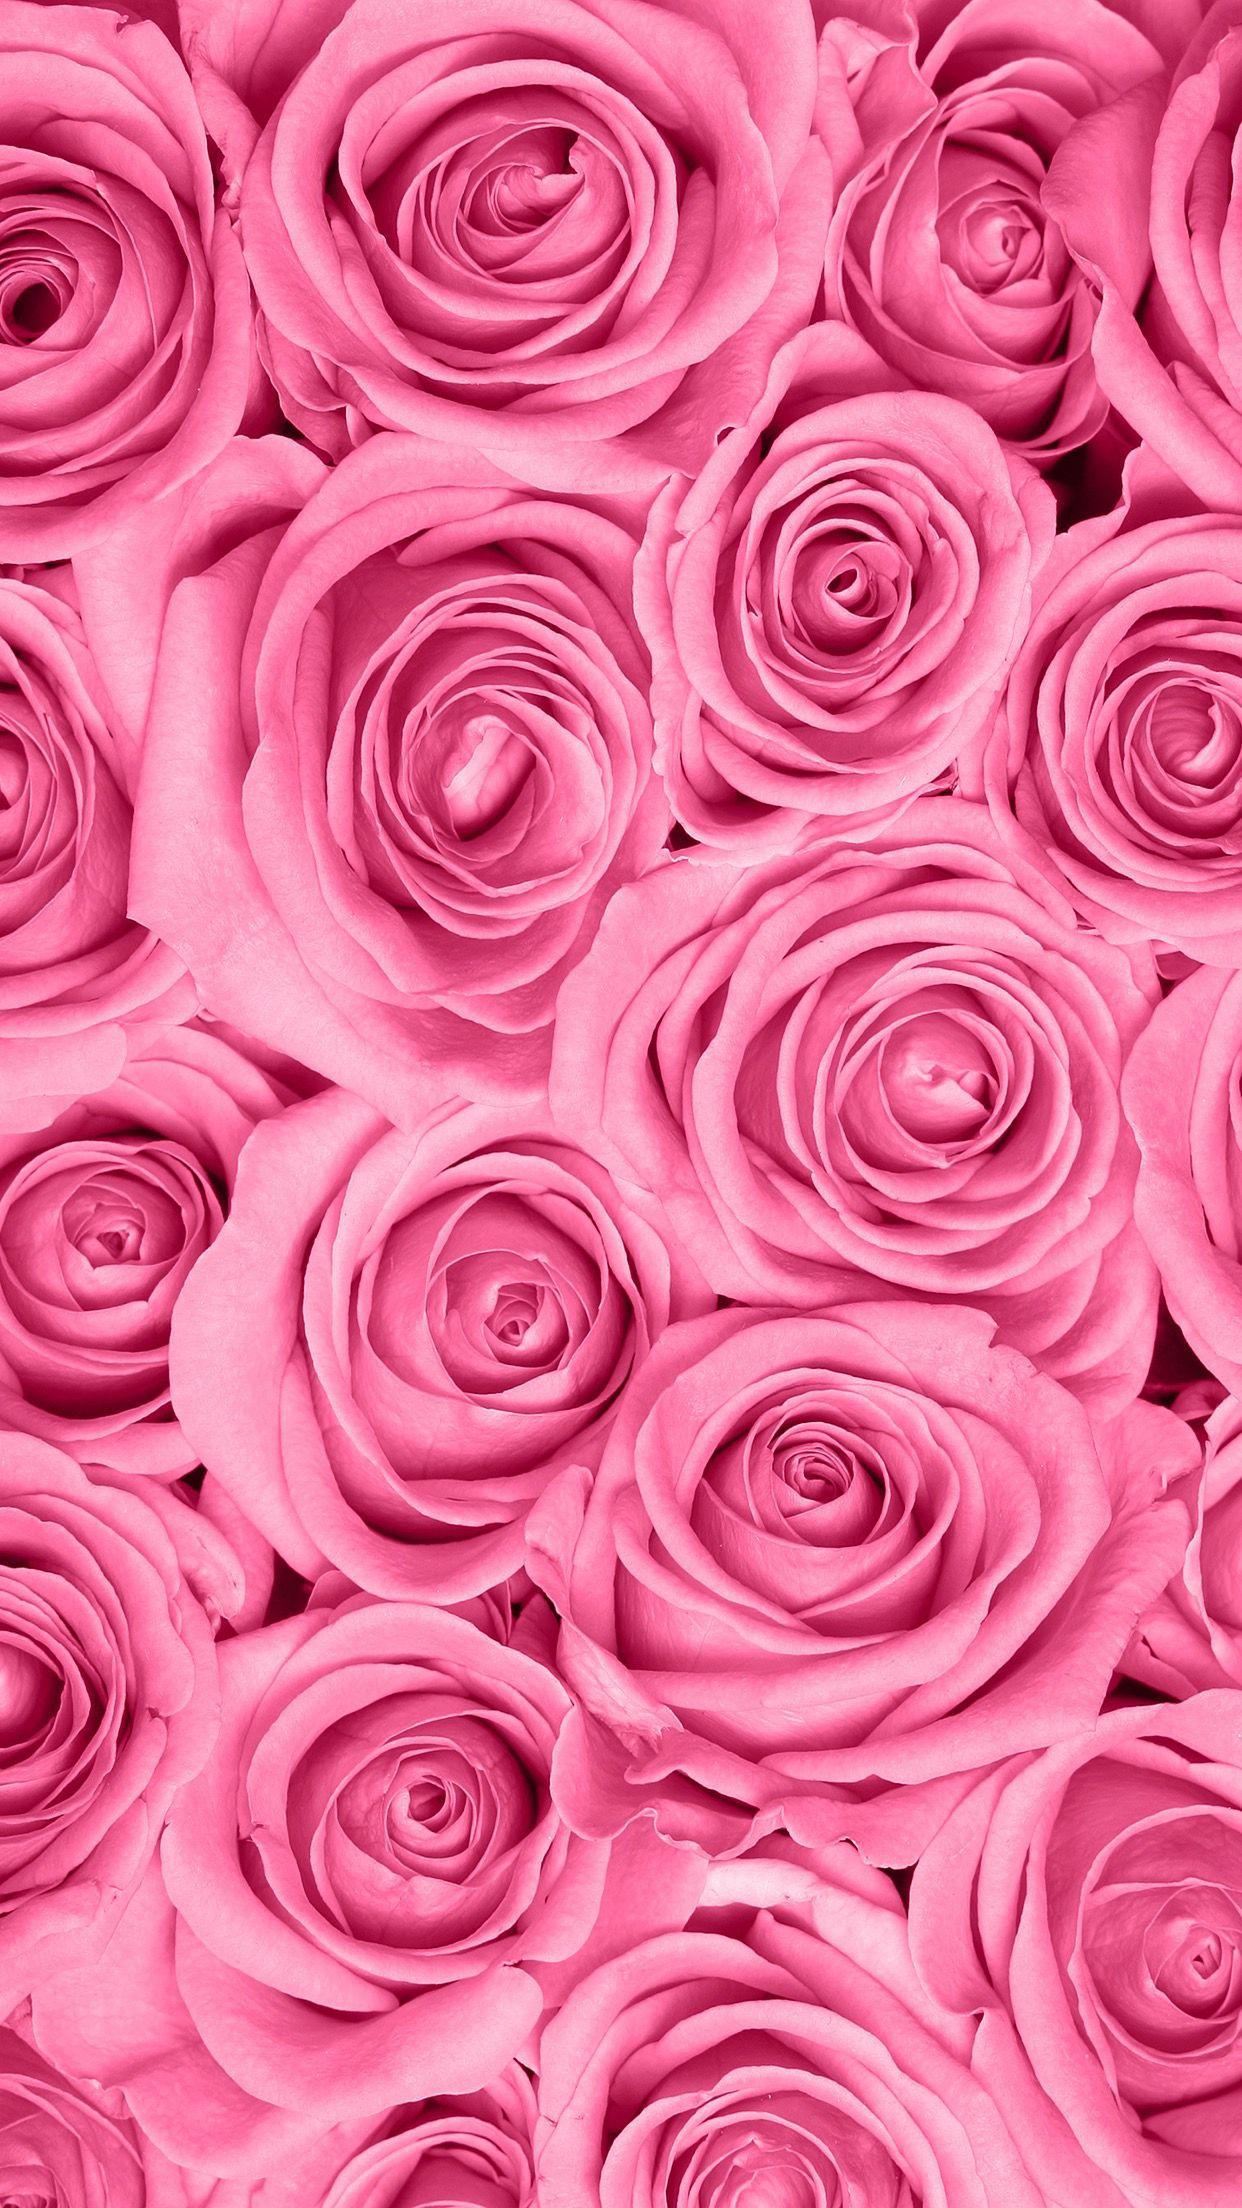 ig iridescent_koi °• Flower wallpaper, Rose wallpaper